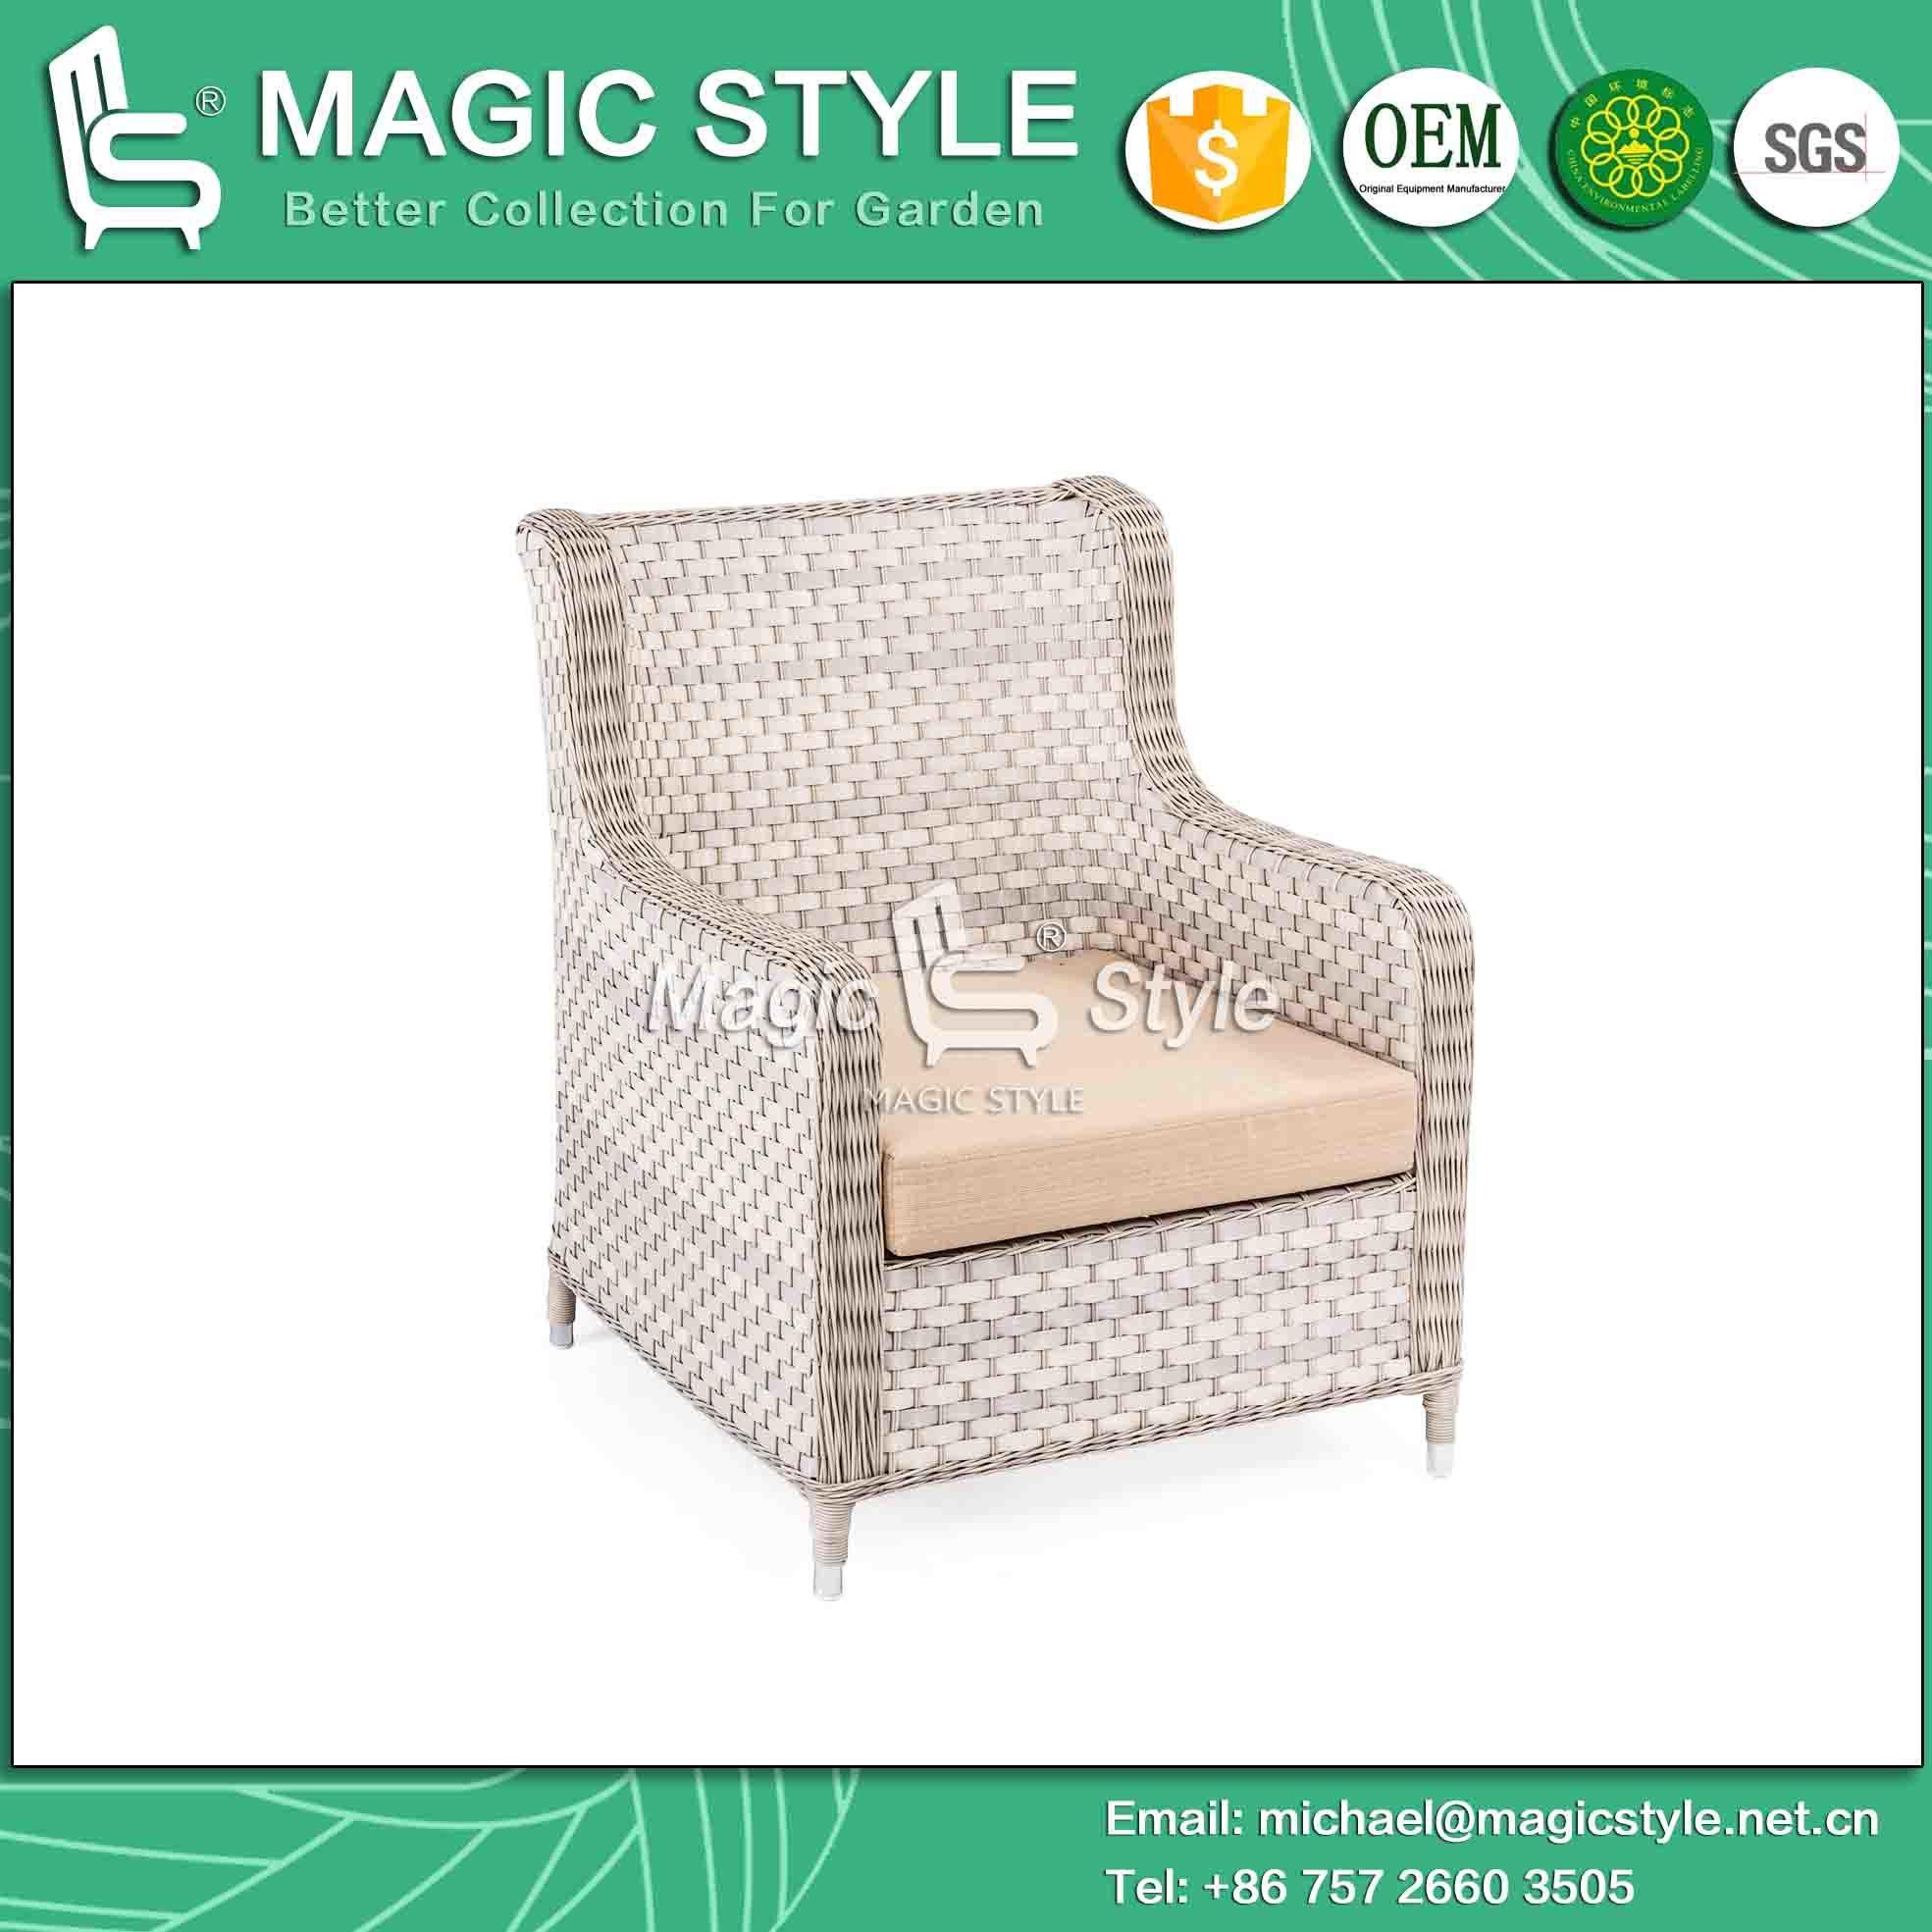 Patio Sofa with Cushion Wicker Combination Sofa Set Outdoor Sofa Set Rattan 2-Seat Sofa Leisure Sofa for Hotel (Magic Style)